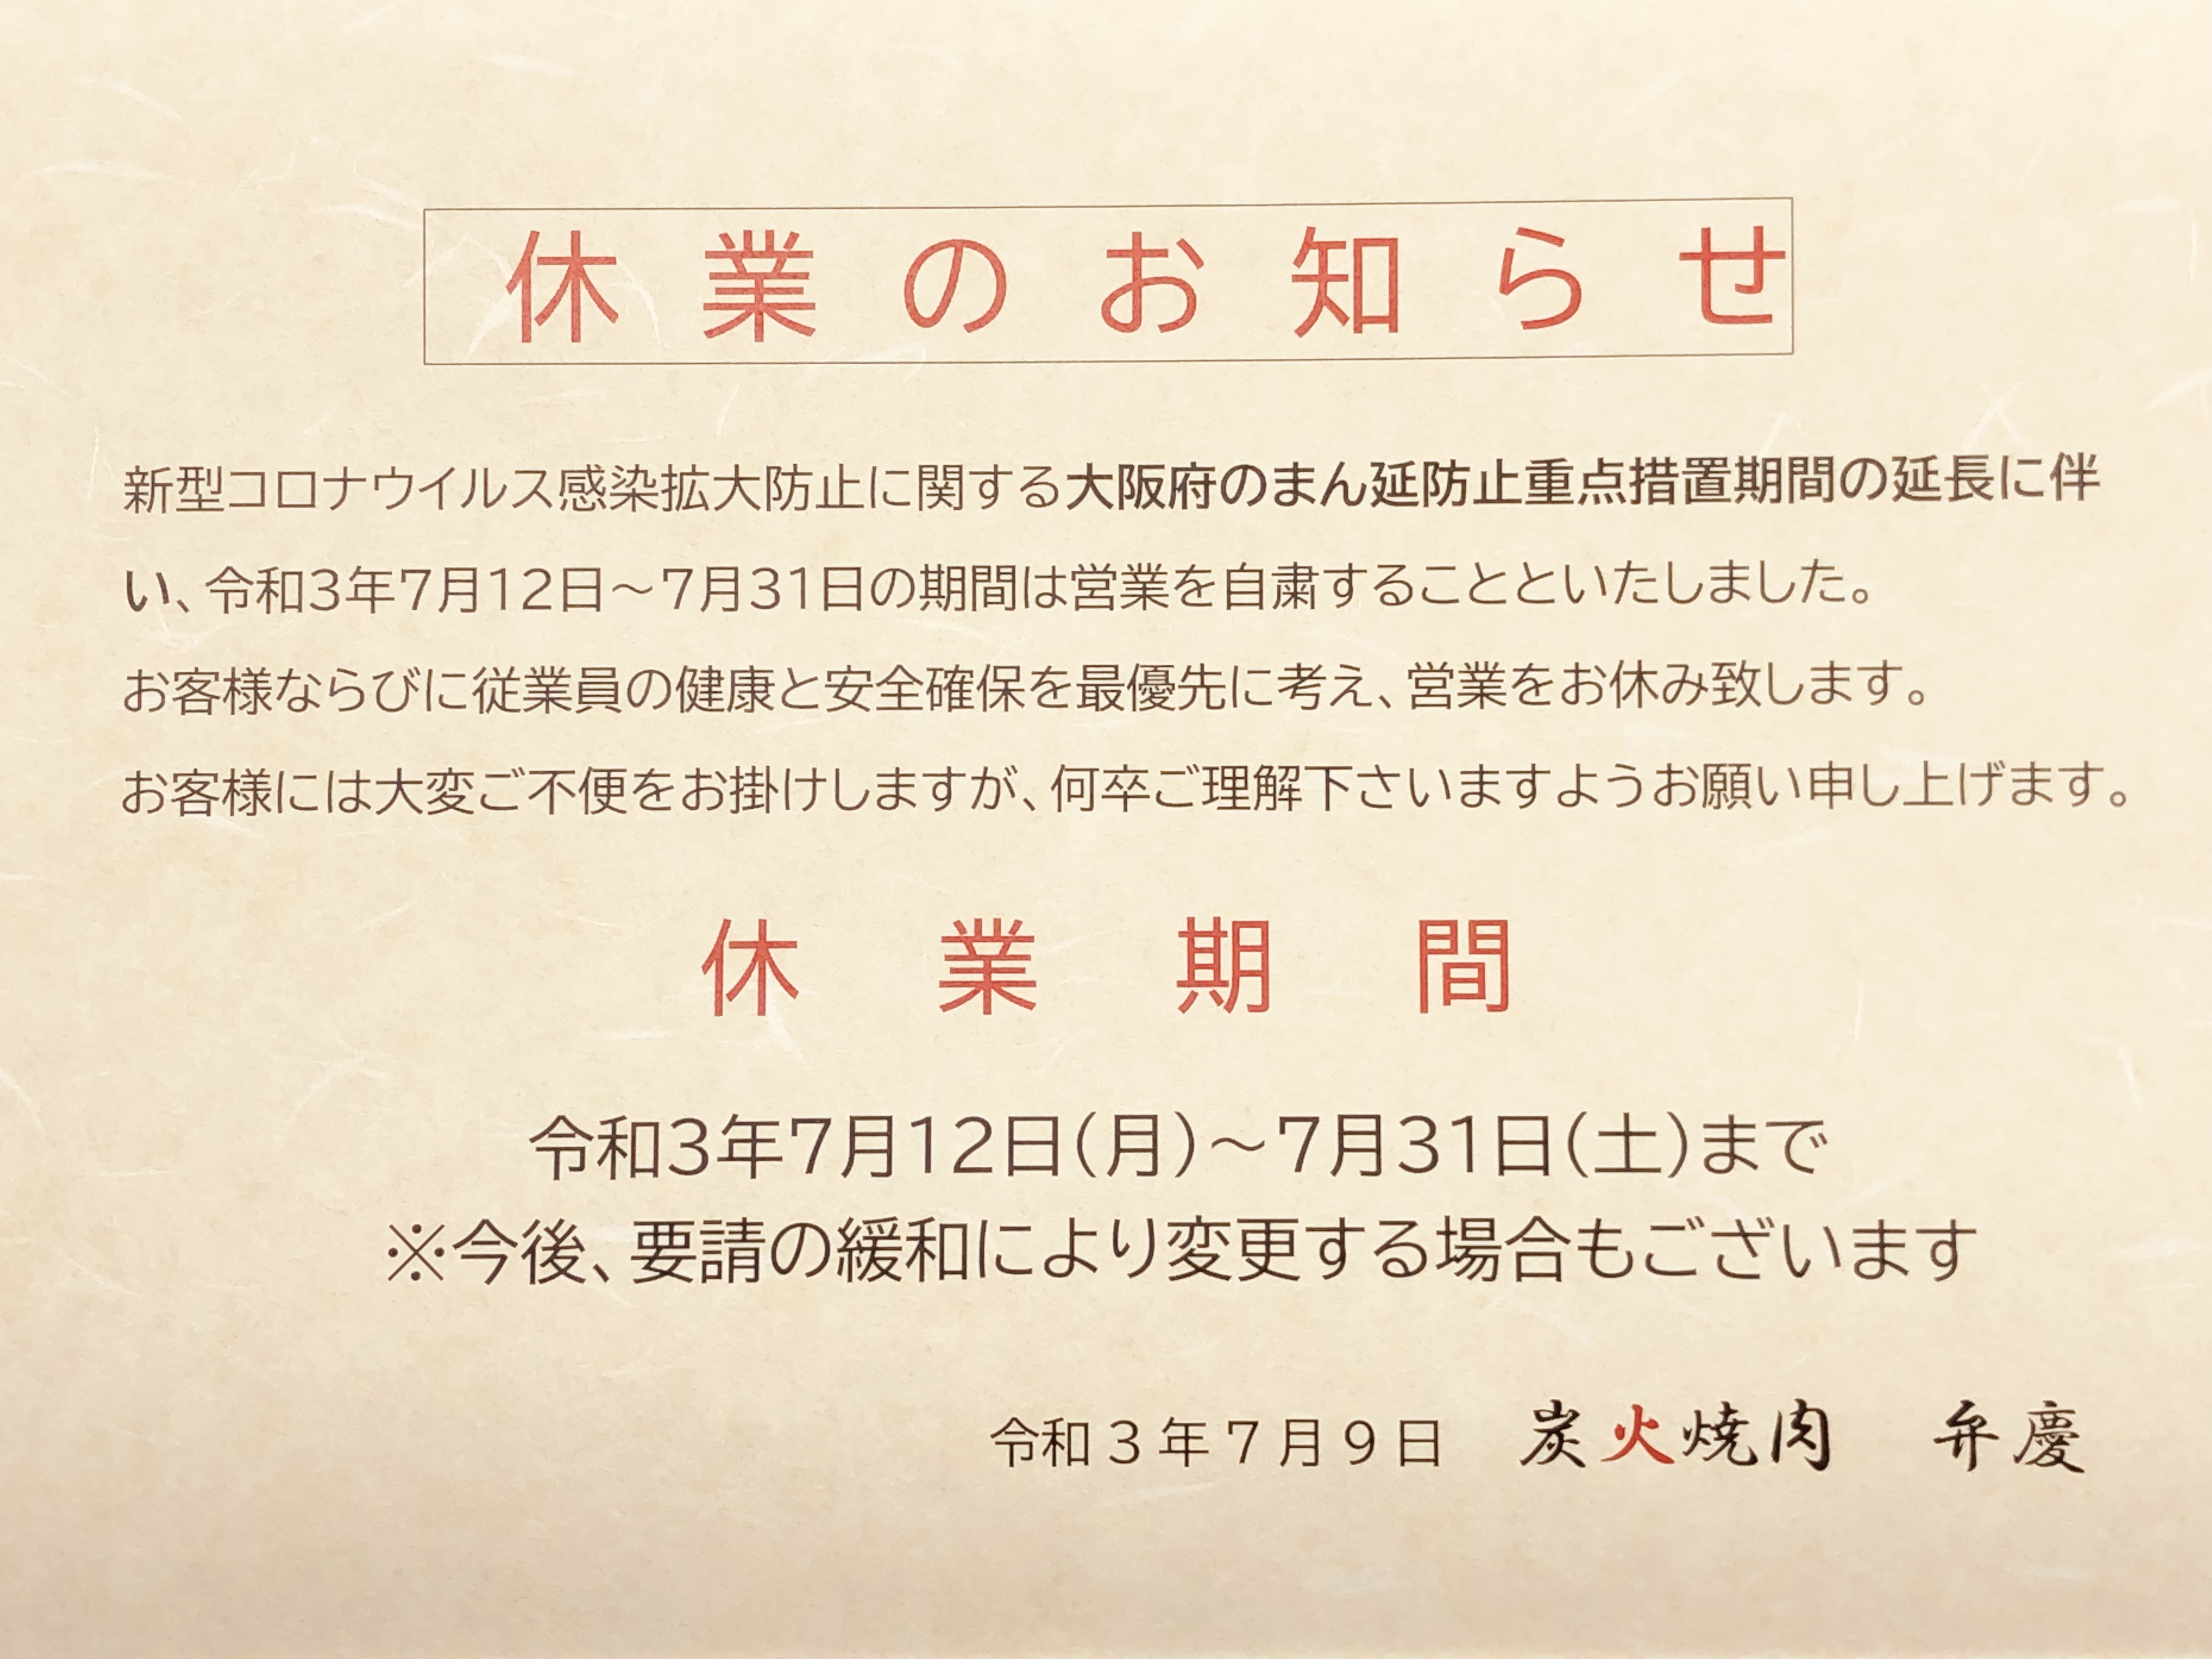 休業の延長のお知らせ(まん延防止重点措置期間の延長)